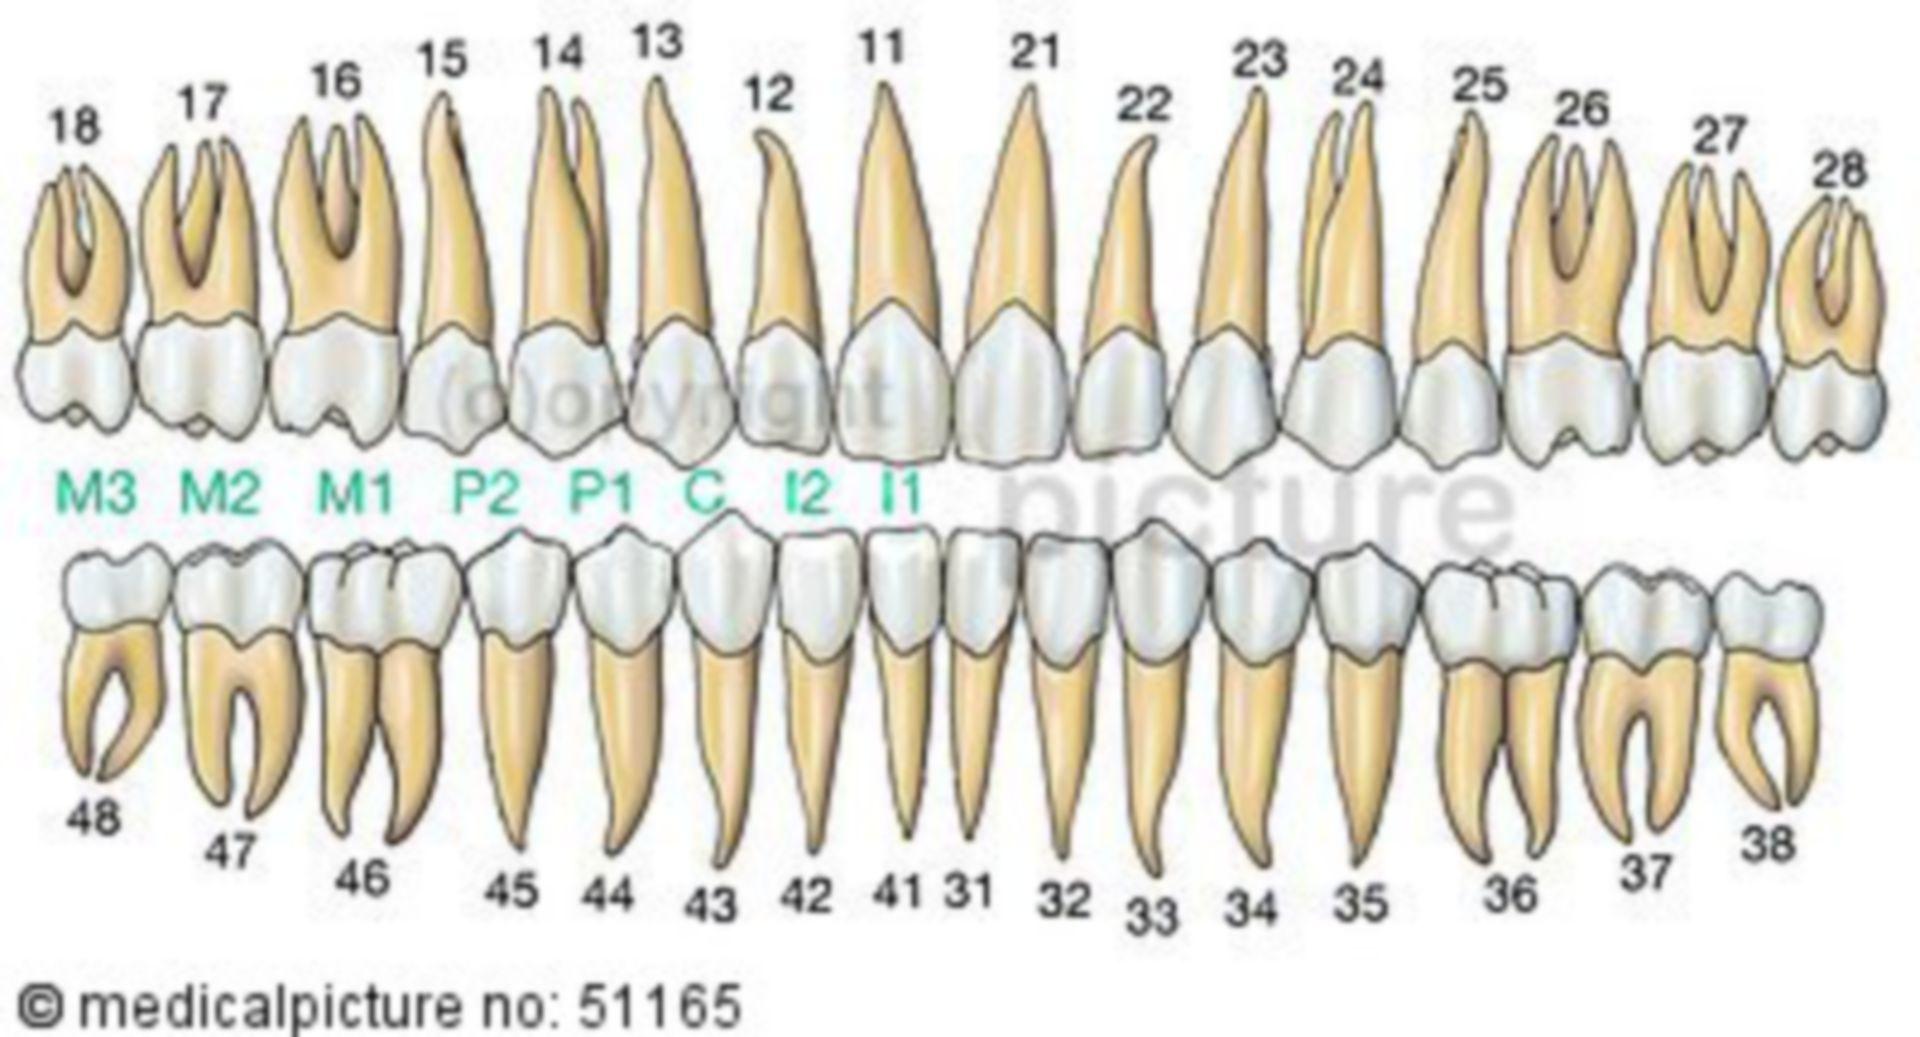 Zahnreihen des Gebisses